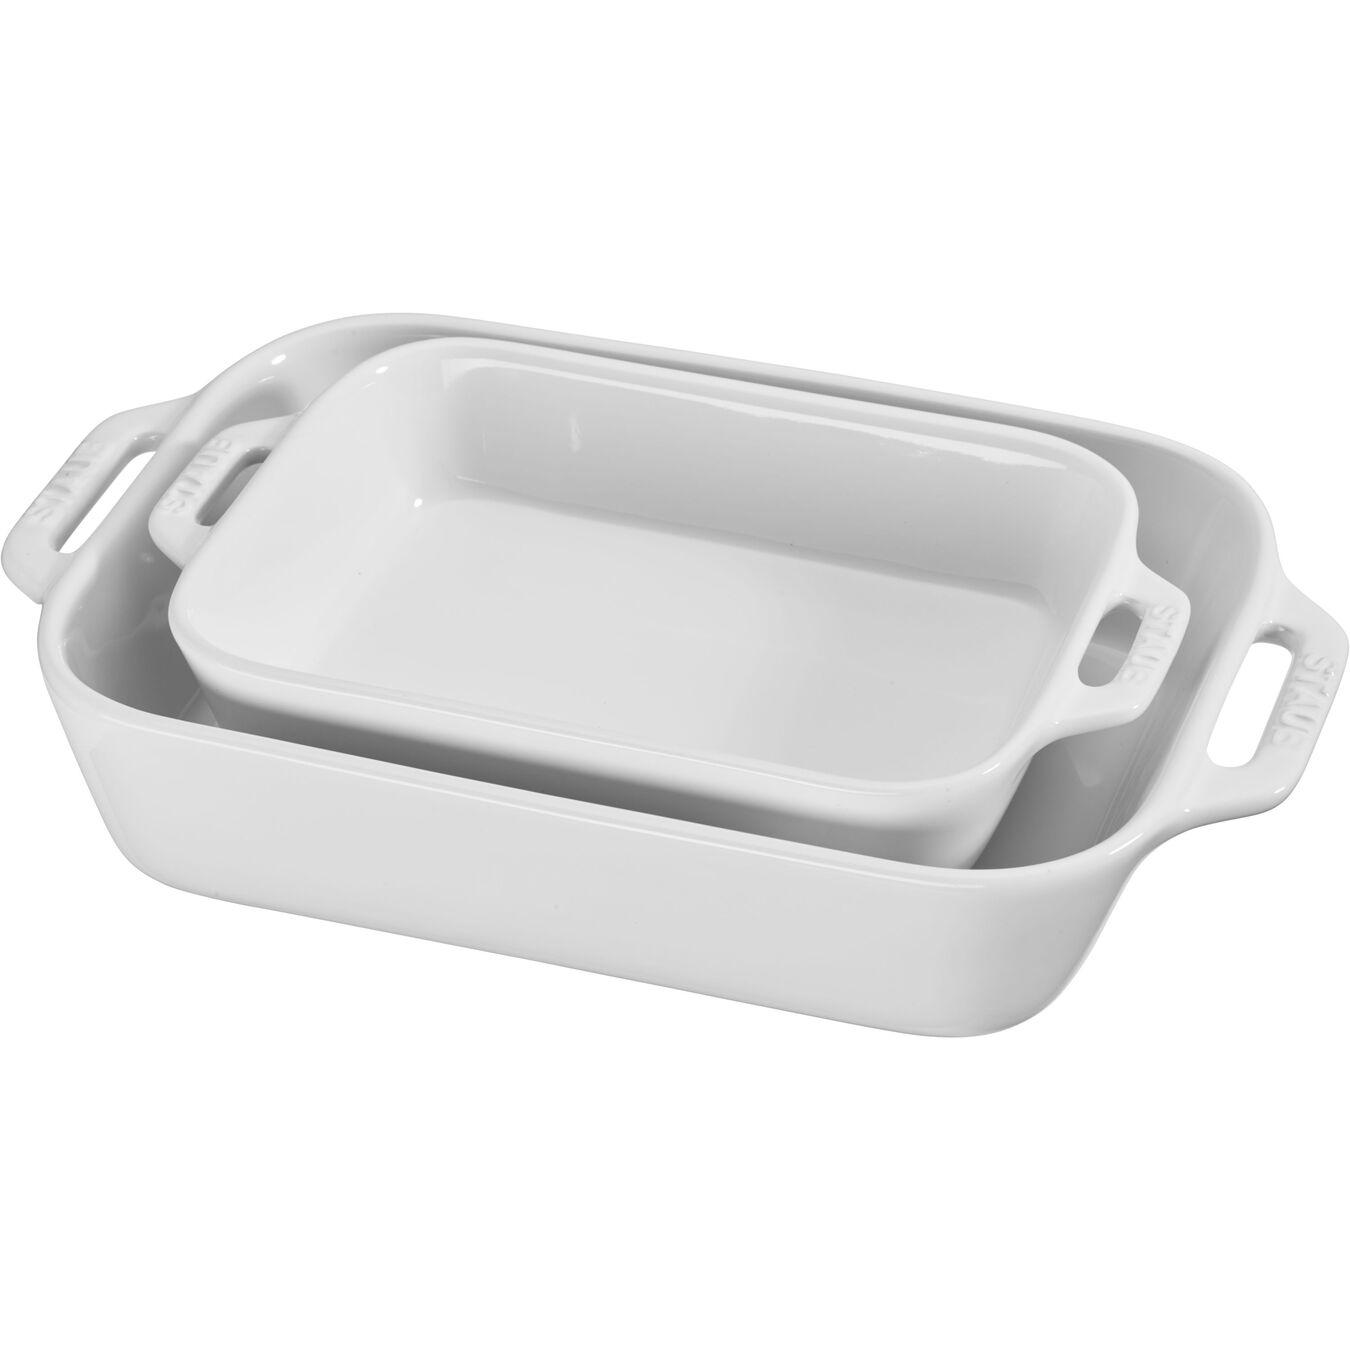 4 Piece Bakeware set, white,,large 3